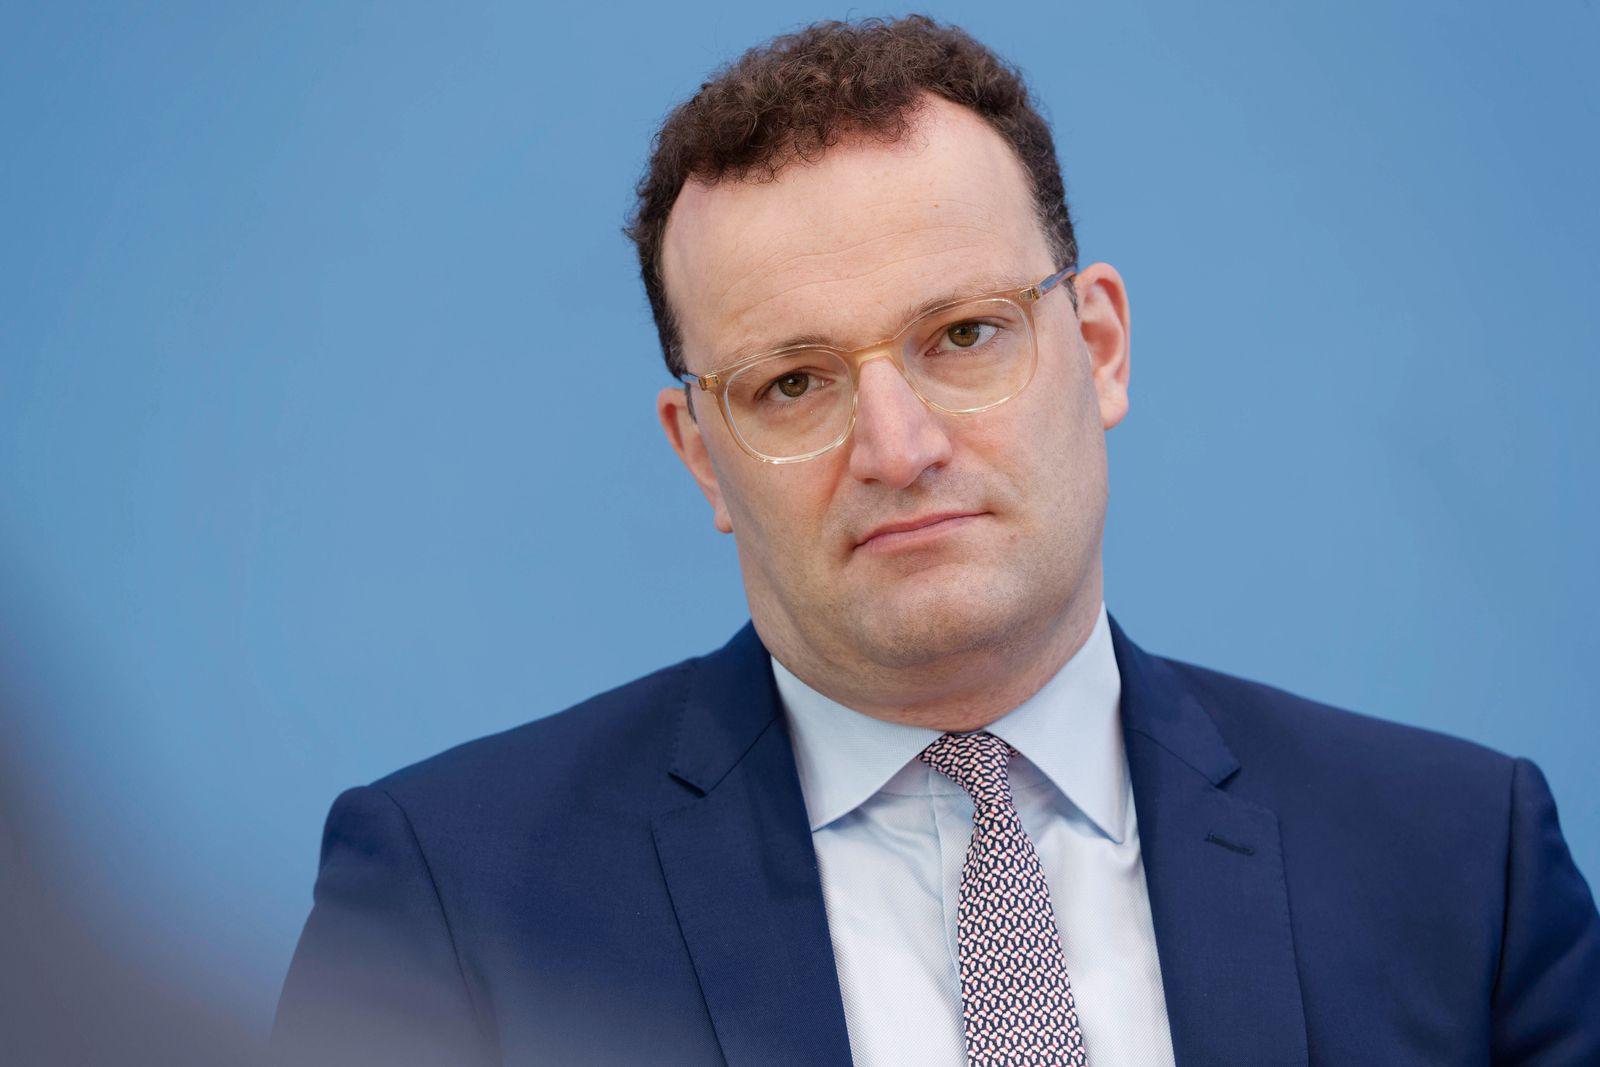 Jens Spahn 2020-07-13, Berlin, Deutschland - Bundespressekonferenz. Jens Spahn (CDU), Bundesgesundheitsminister, der Pr